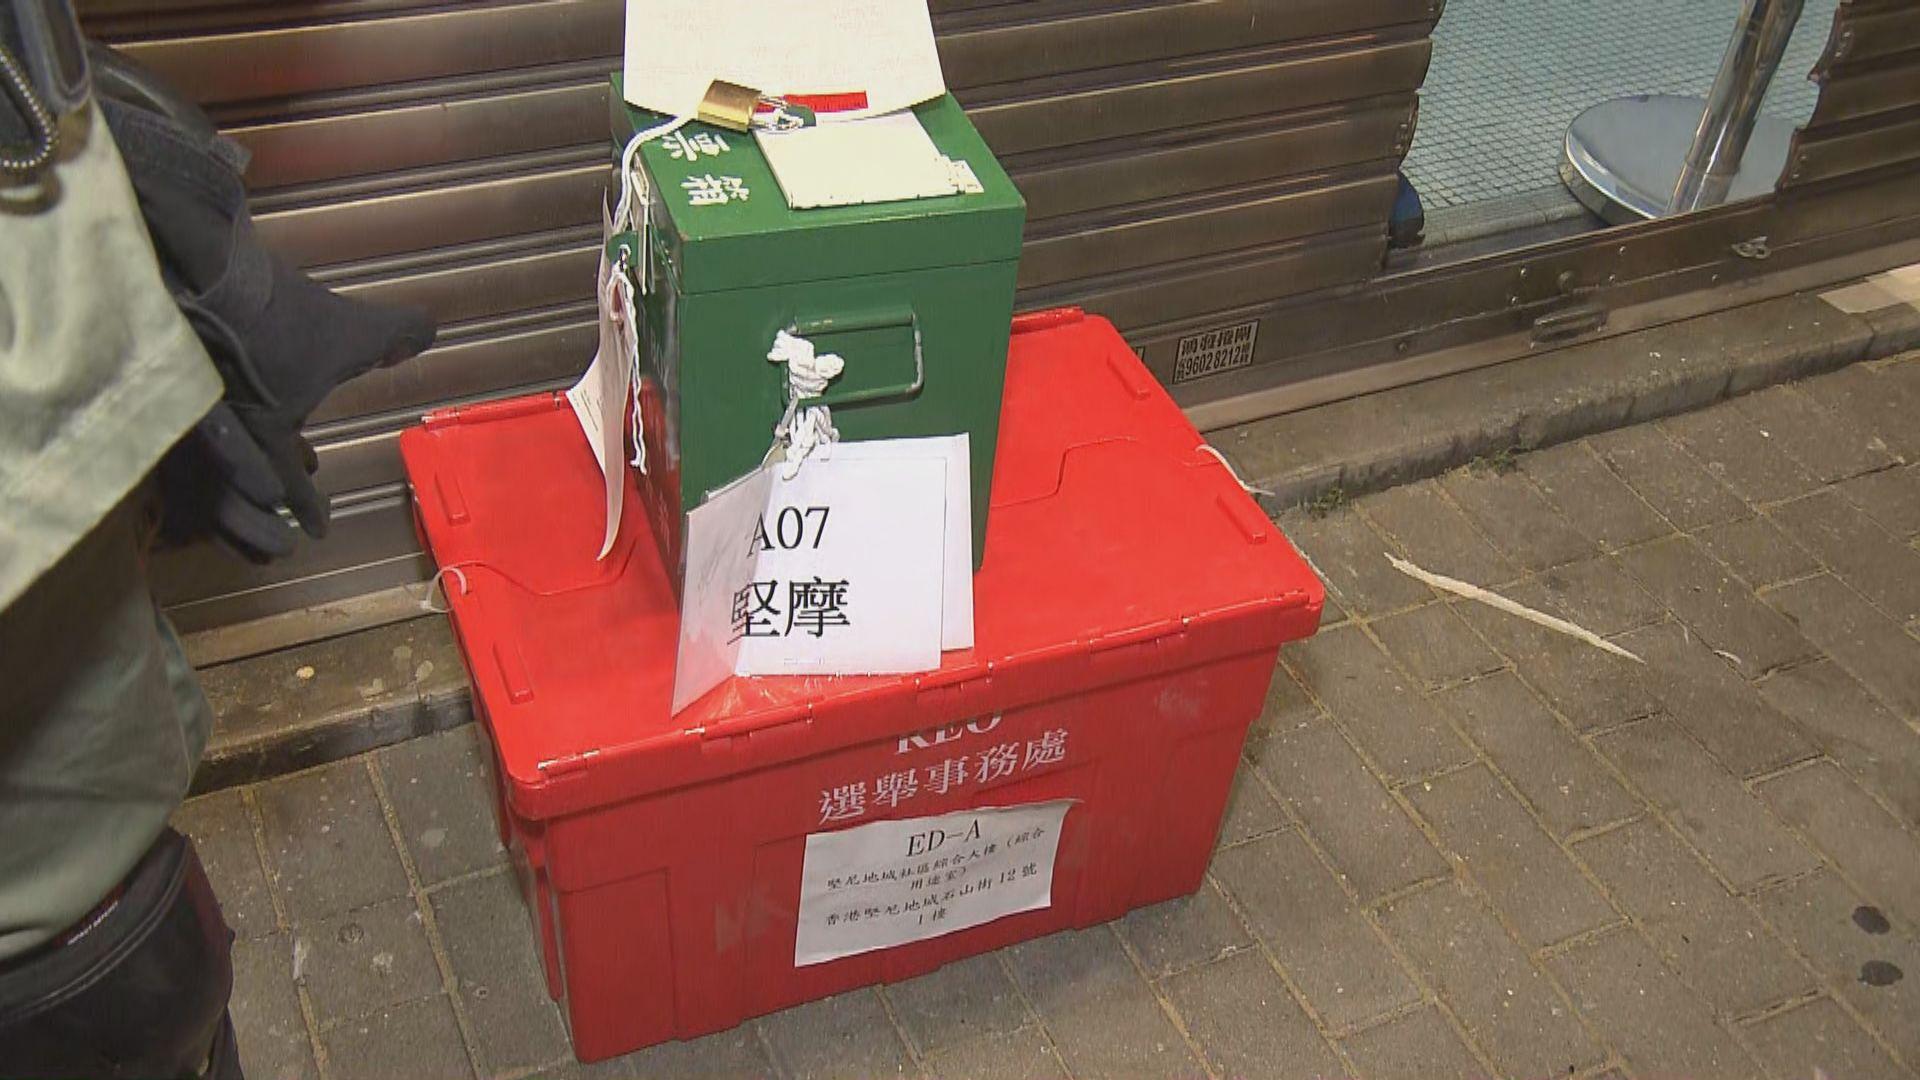 堅摩選區有票箱在關站後運到引起市民不滿